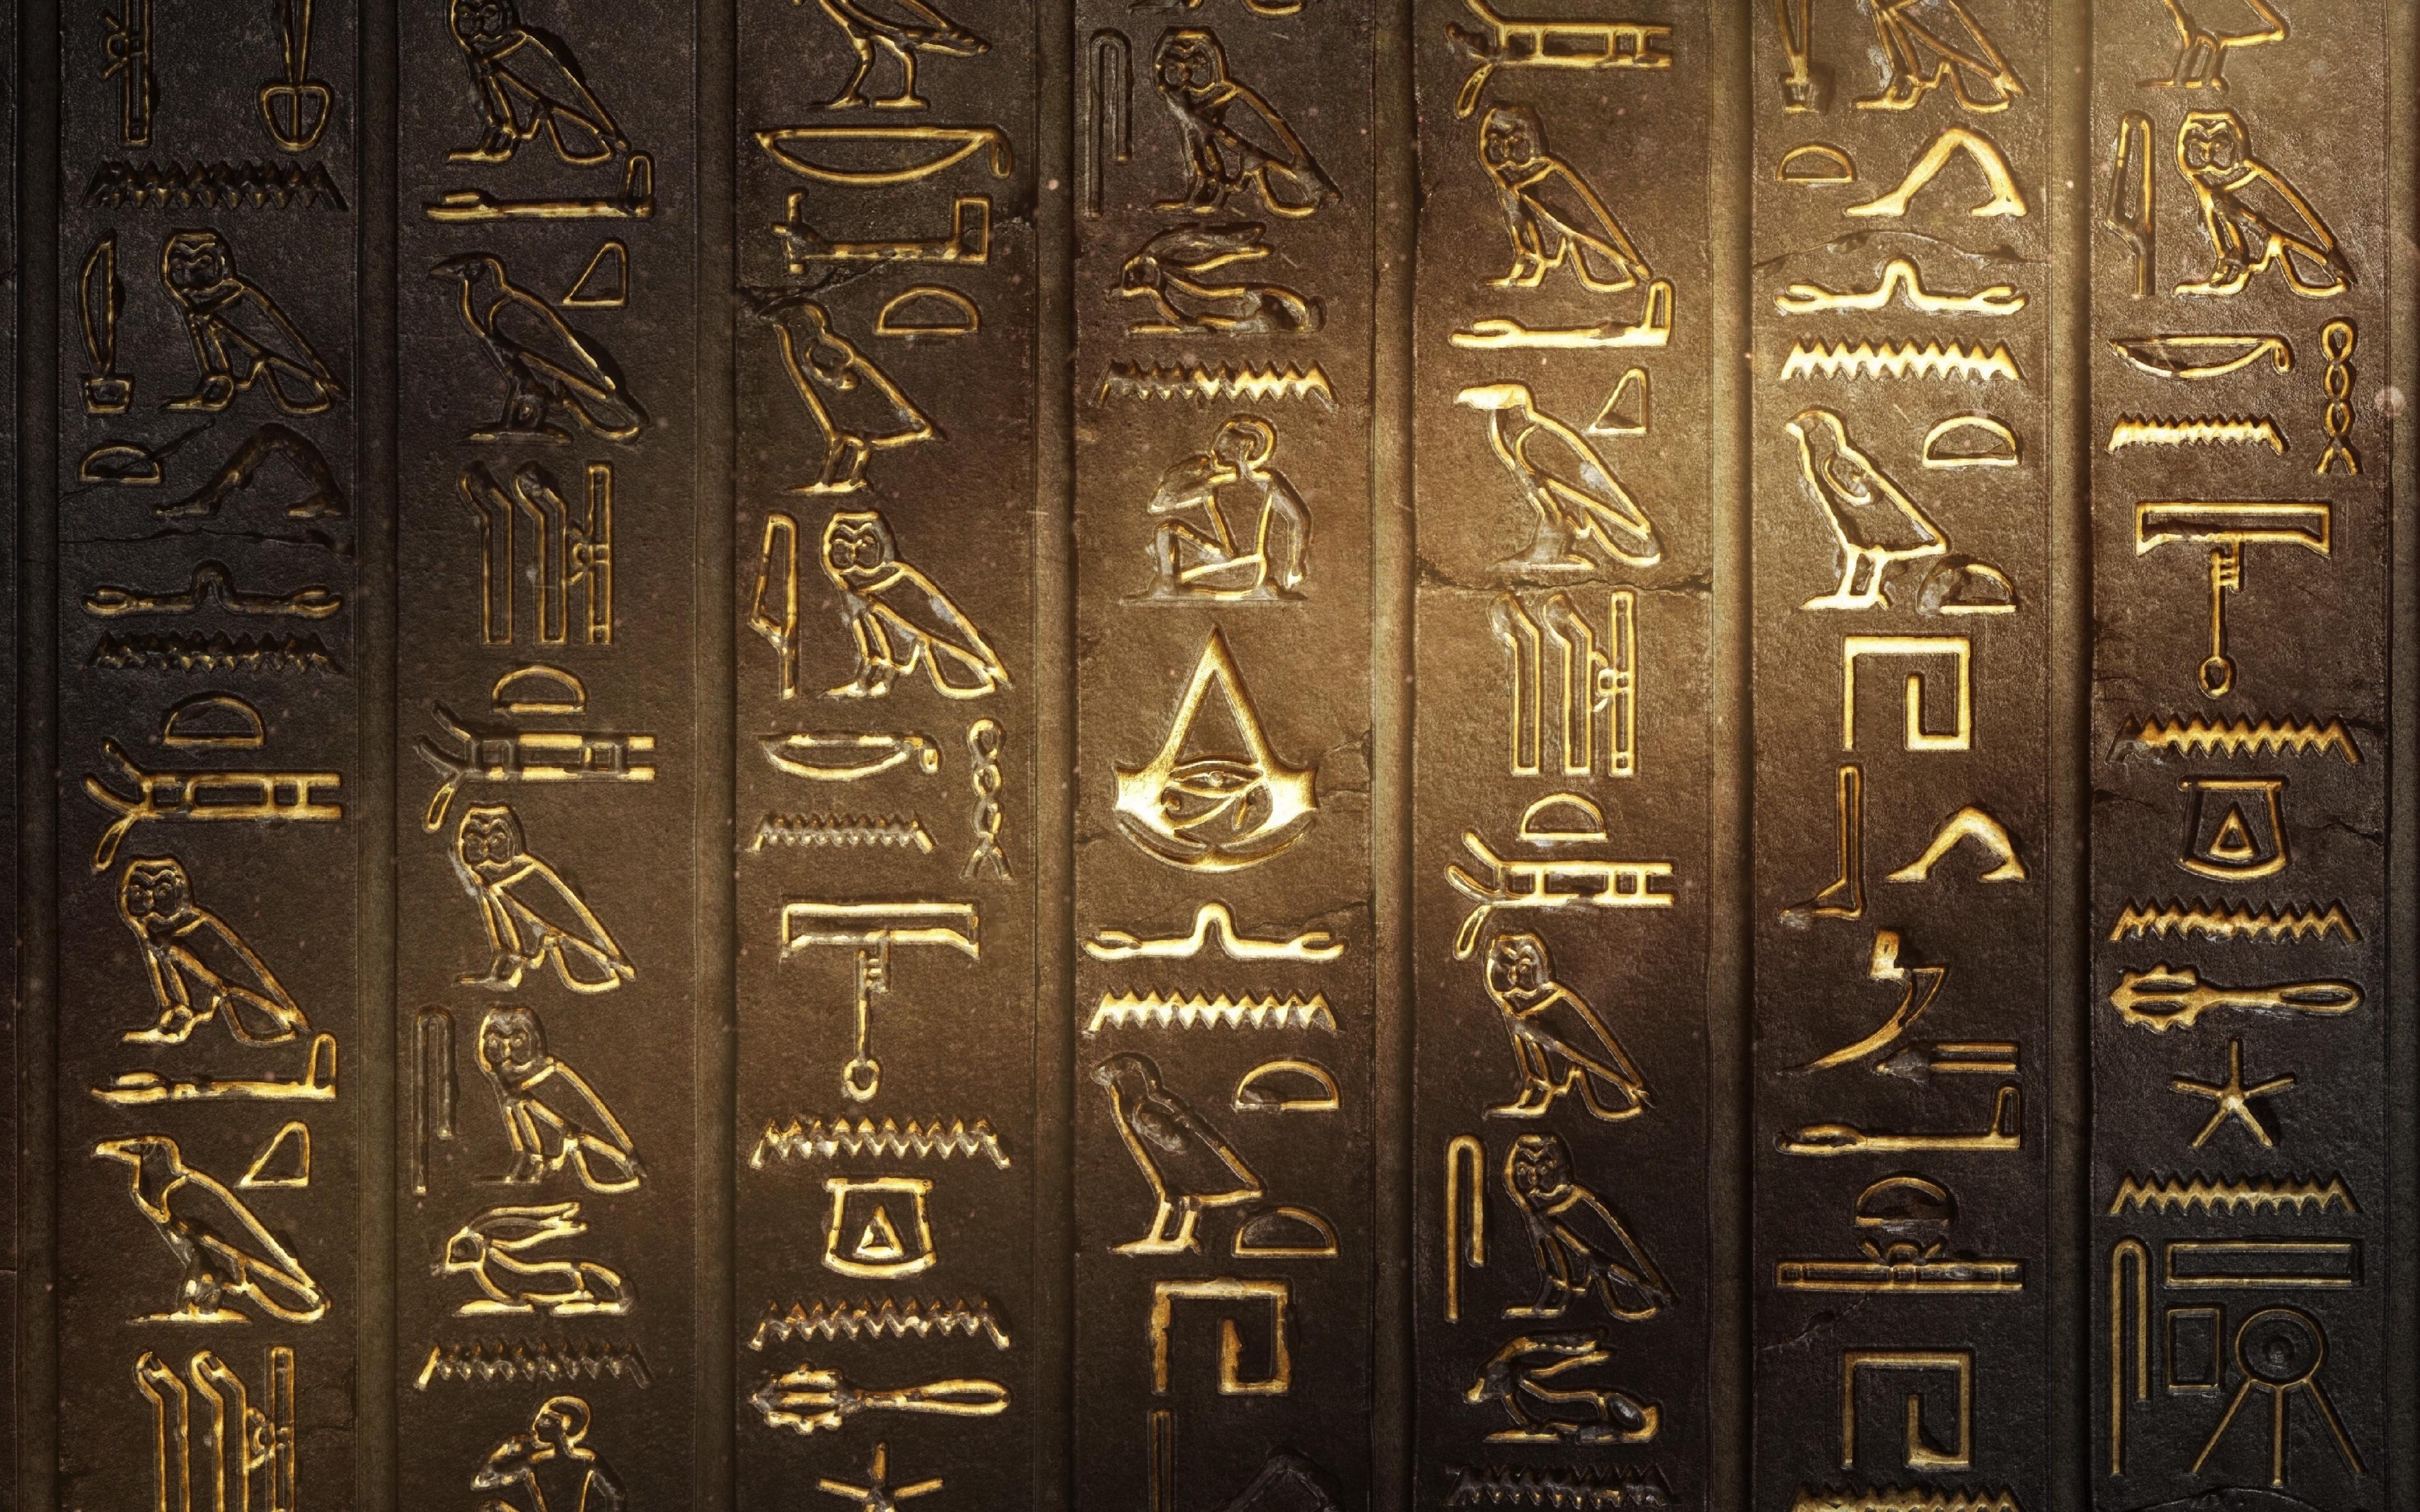 download 3840x2400 wallpaper assassins creed origins